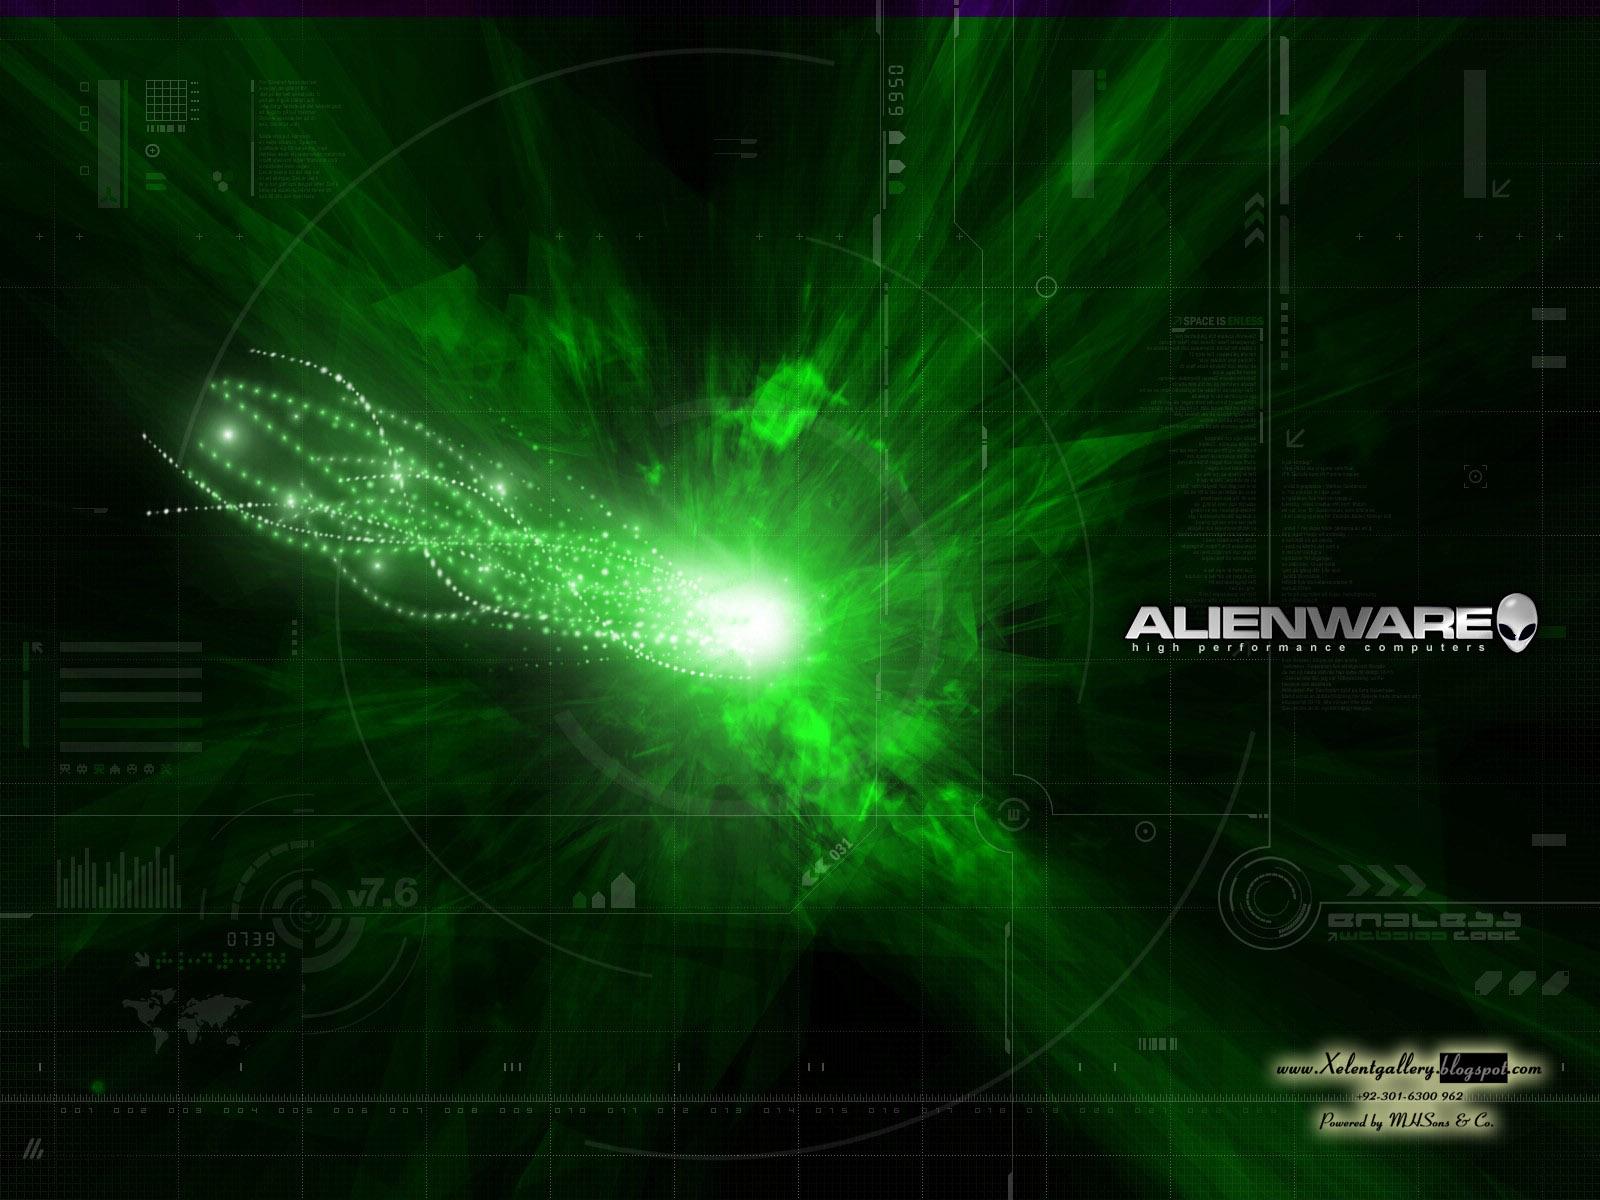 Hd Alienware Wallpapers Pack 1600x1200 Xelent Gallery